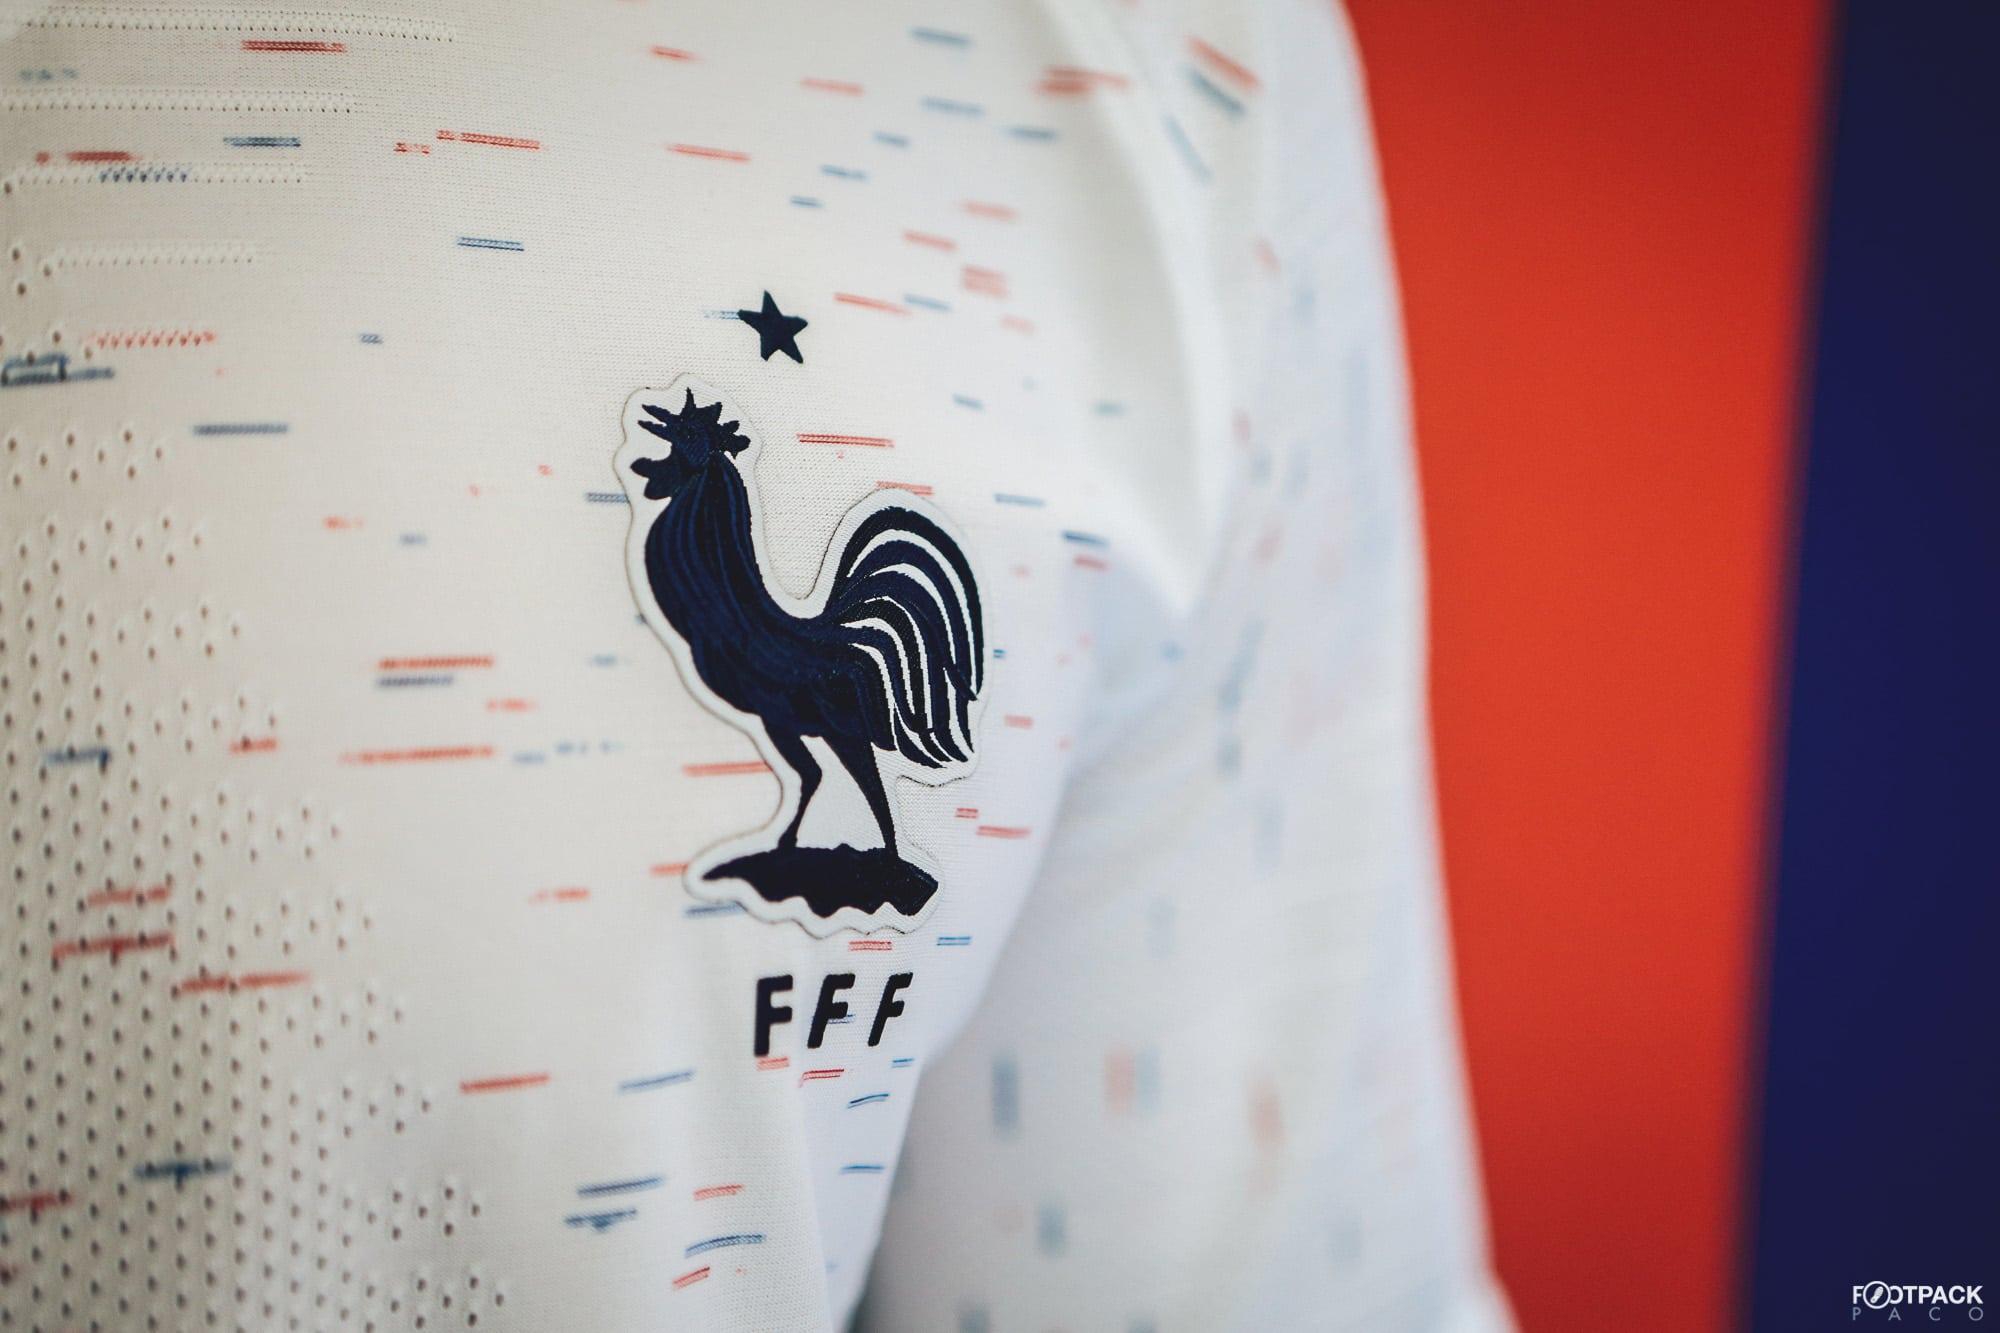 maillot-exterieur-equipe-de-france-coupe-du-monde-2018-coq